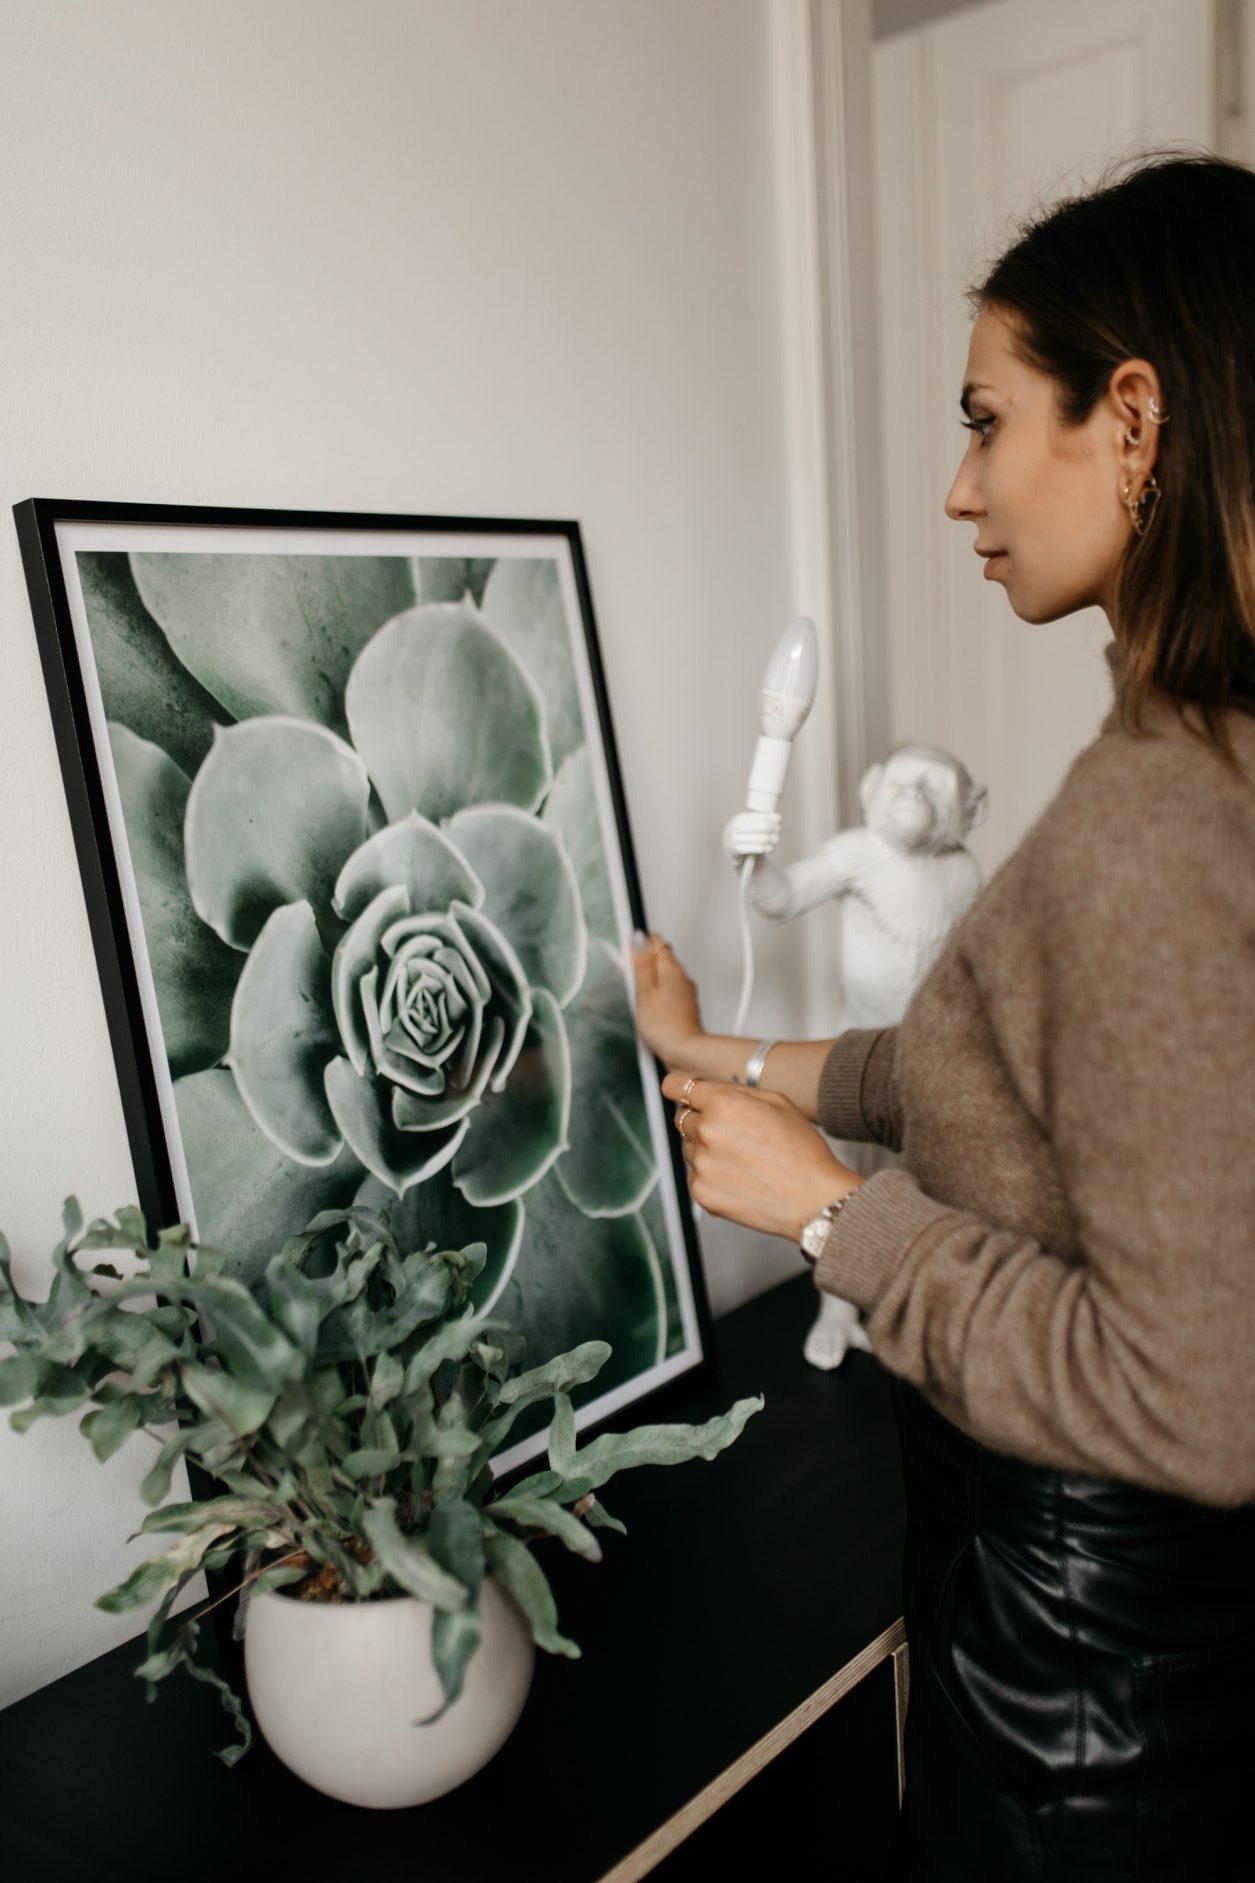 Wie hänge ich Bilder auf? | Poster Store | Hängung | Galerie | Petersburger Hängung | Nachhaltigkeit | Berlin Mitte | Naturposter | Gutschein | posterstore | kunst günstig kaufen